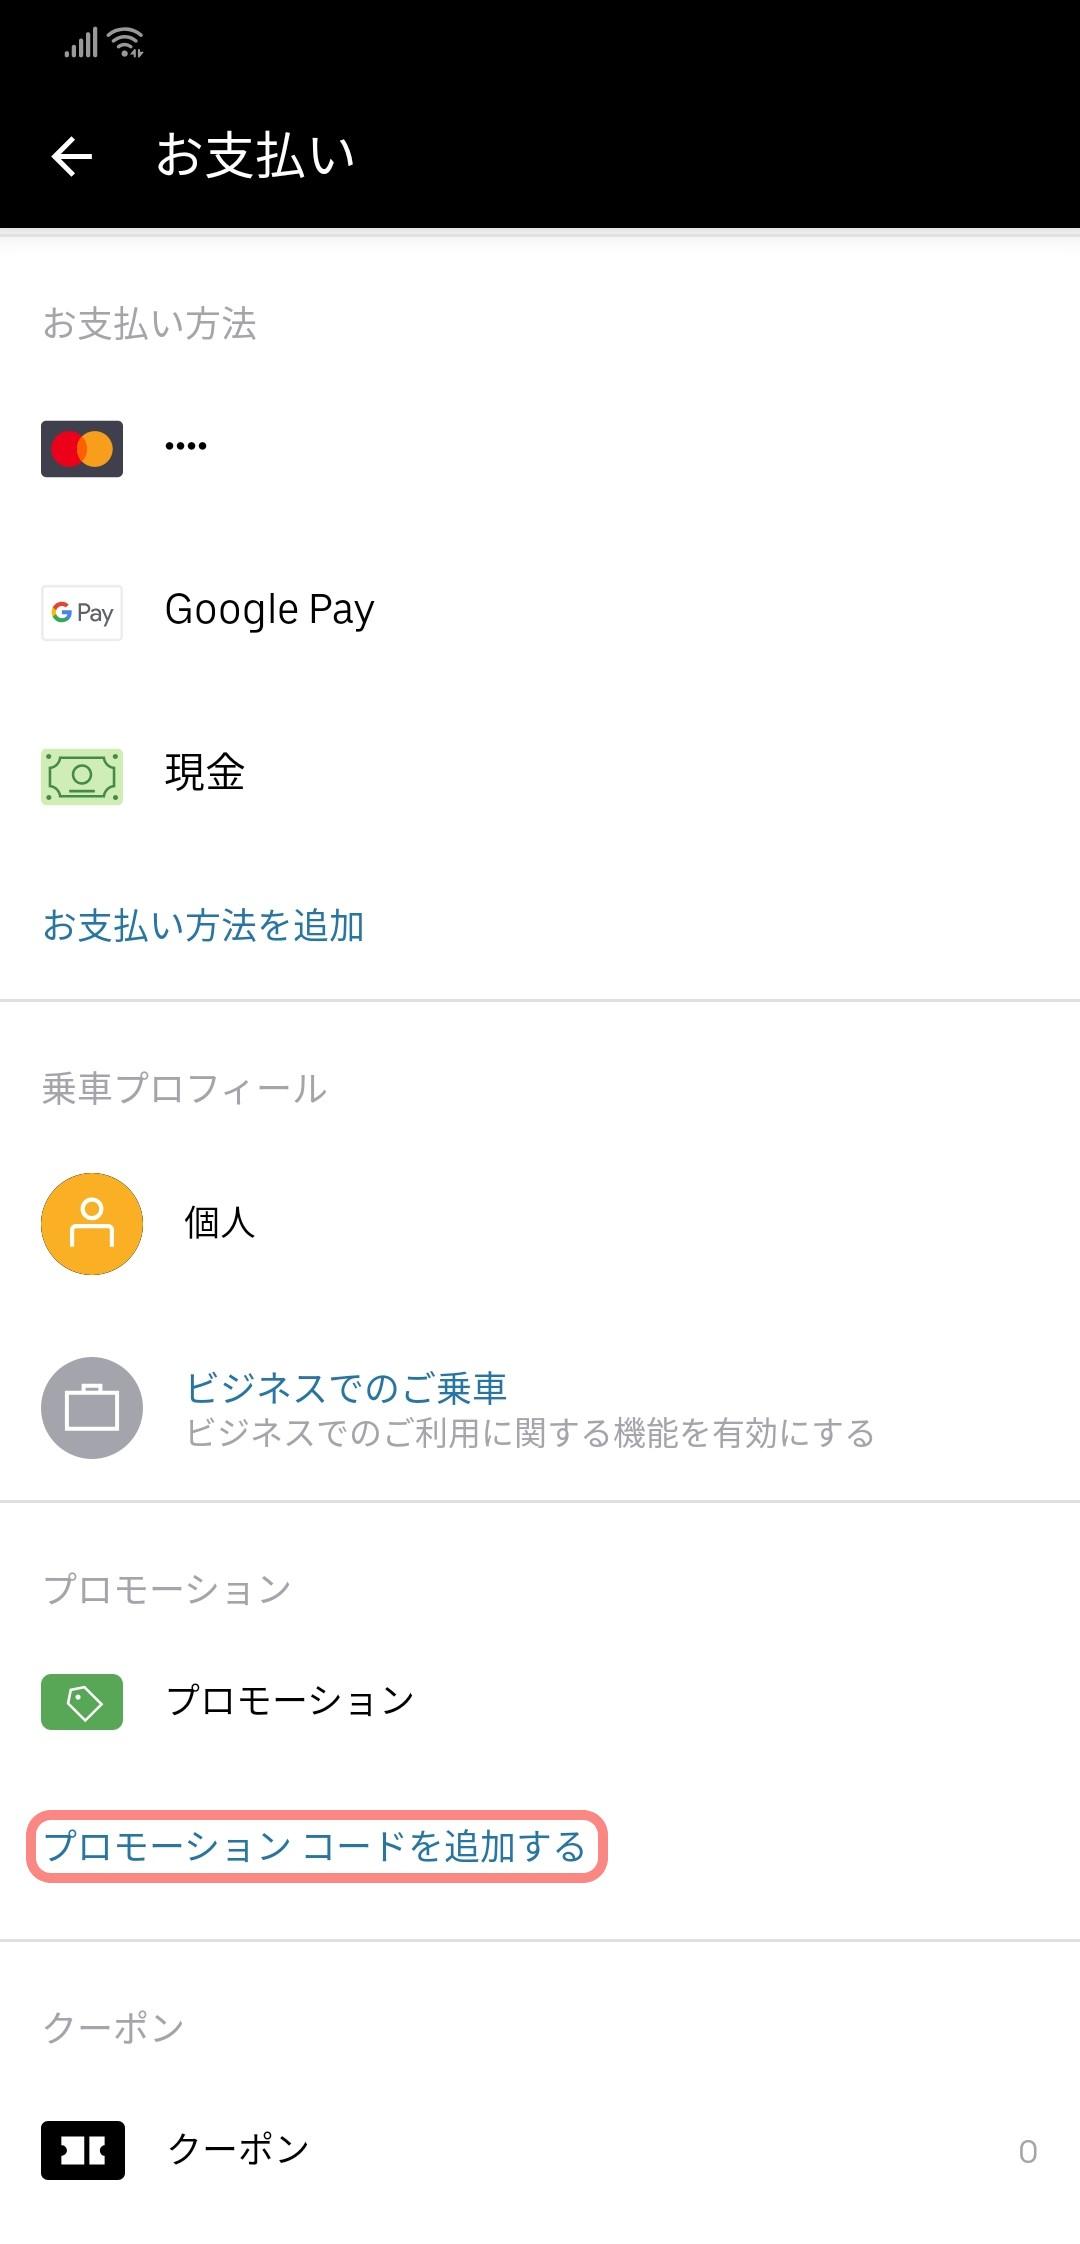 Uberクーポンコード入力画面